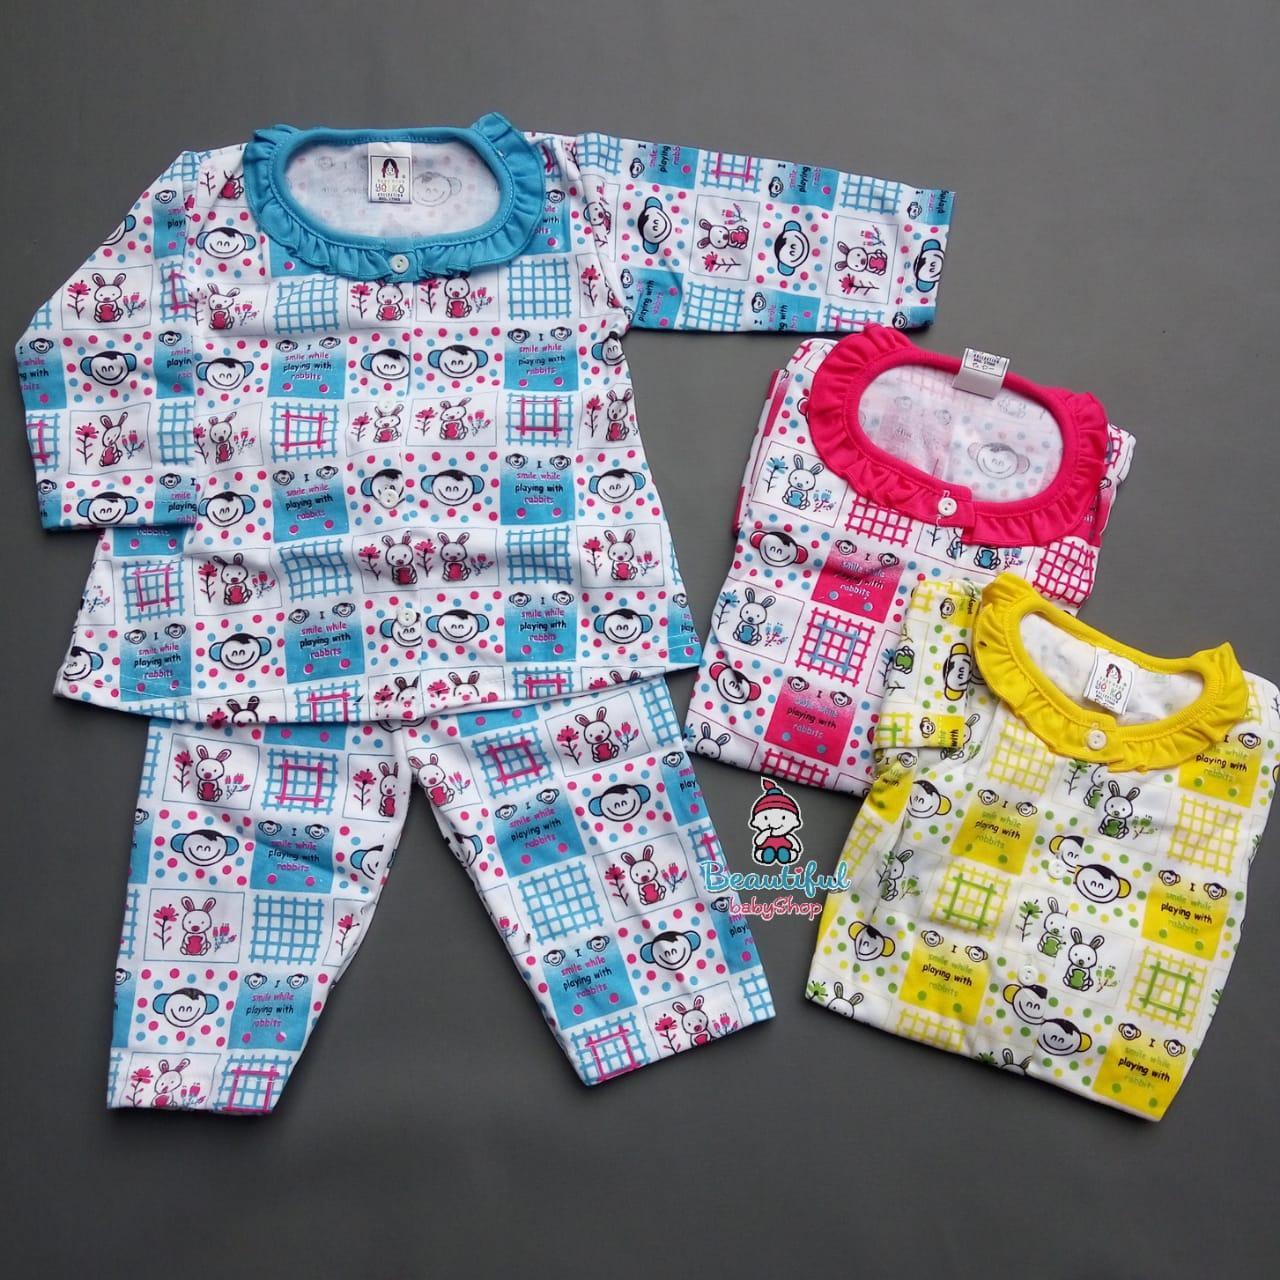 Setelan Panjang Bayi | Baju Tidur Bayi | Piyama Bayi